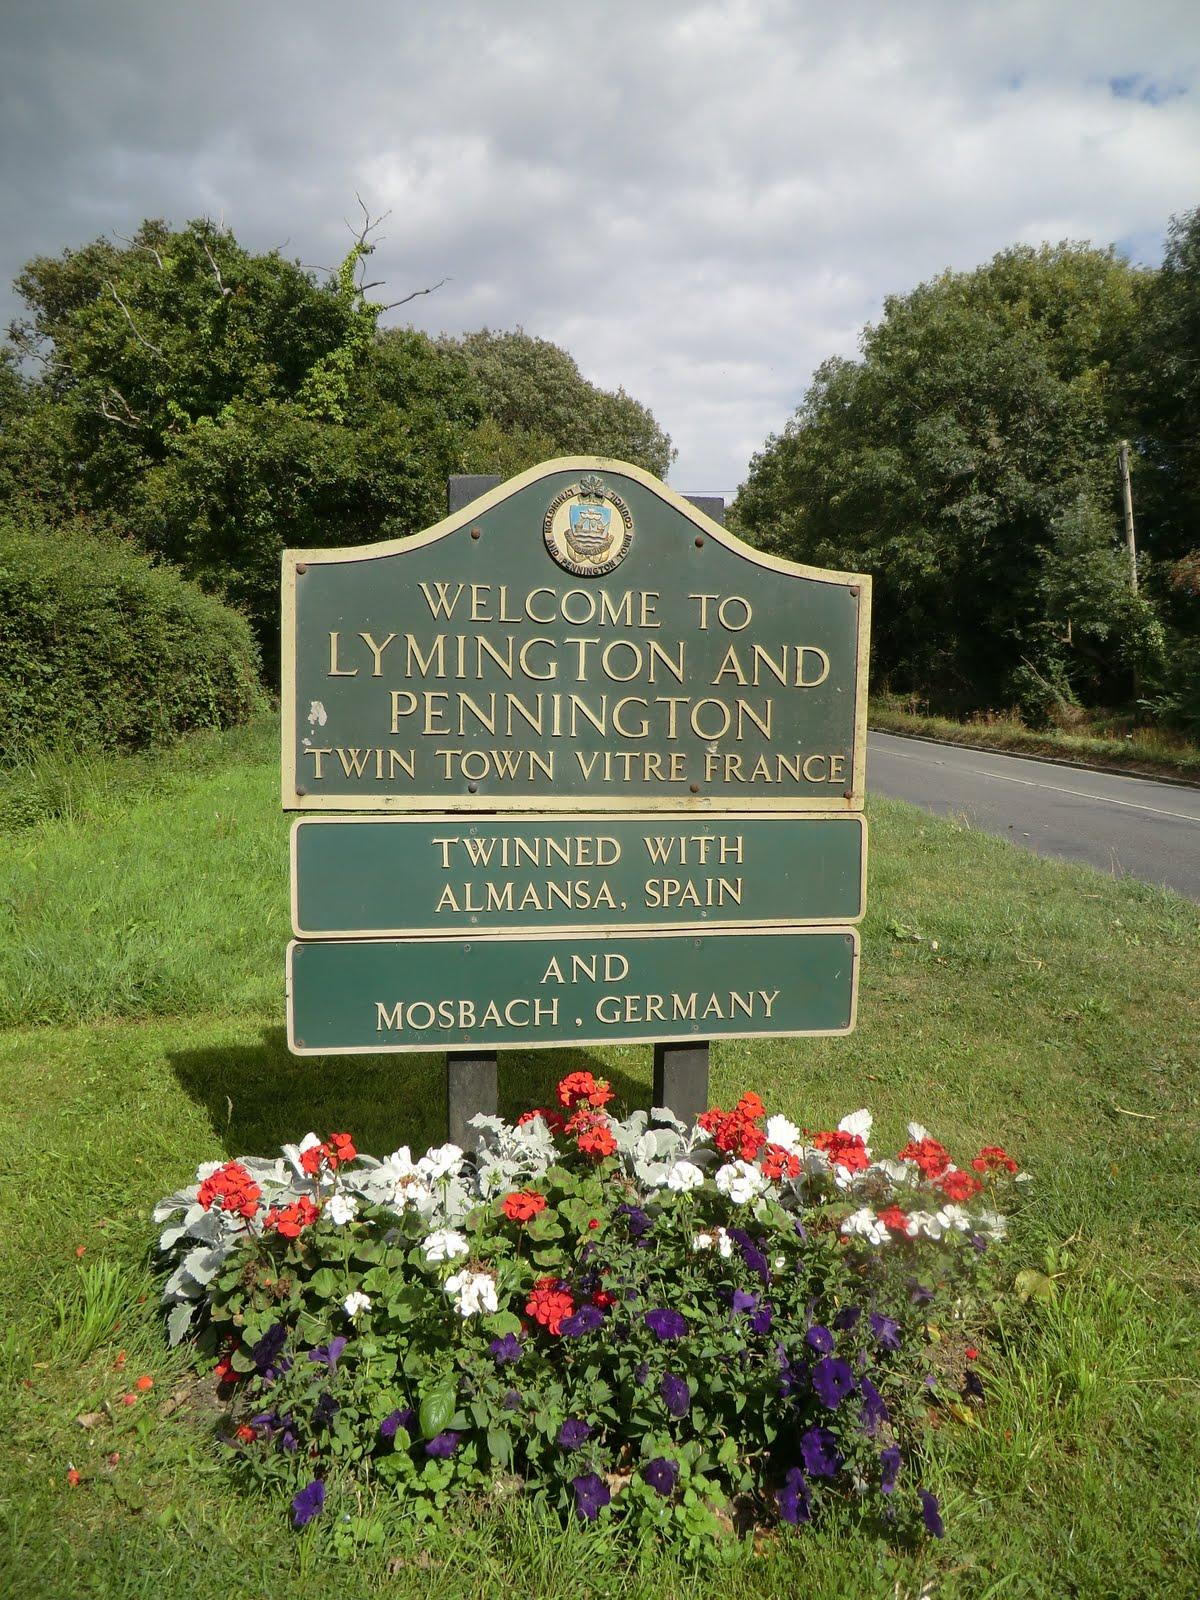 CIMG4432 Lymington town sign on the A337